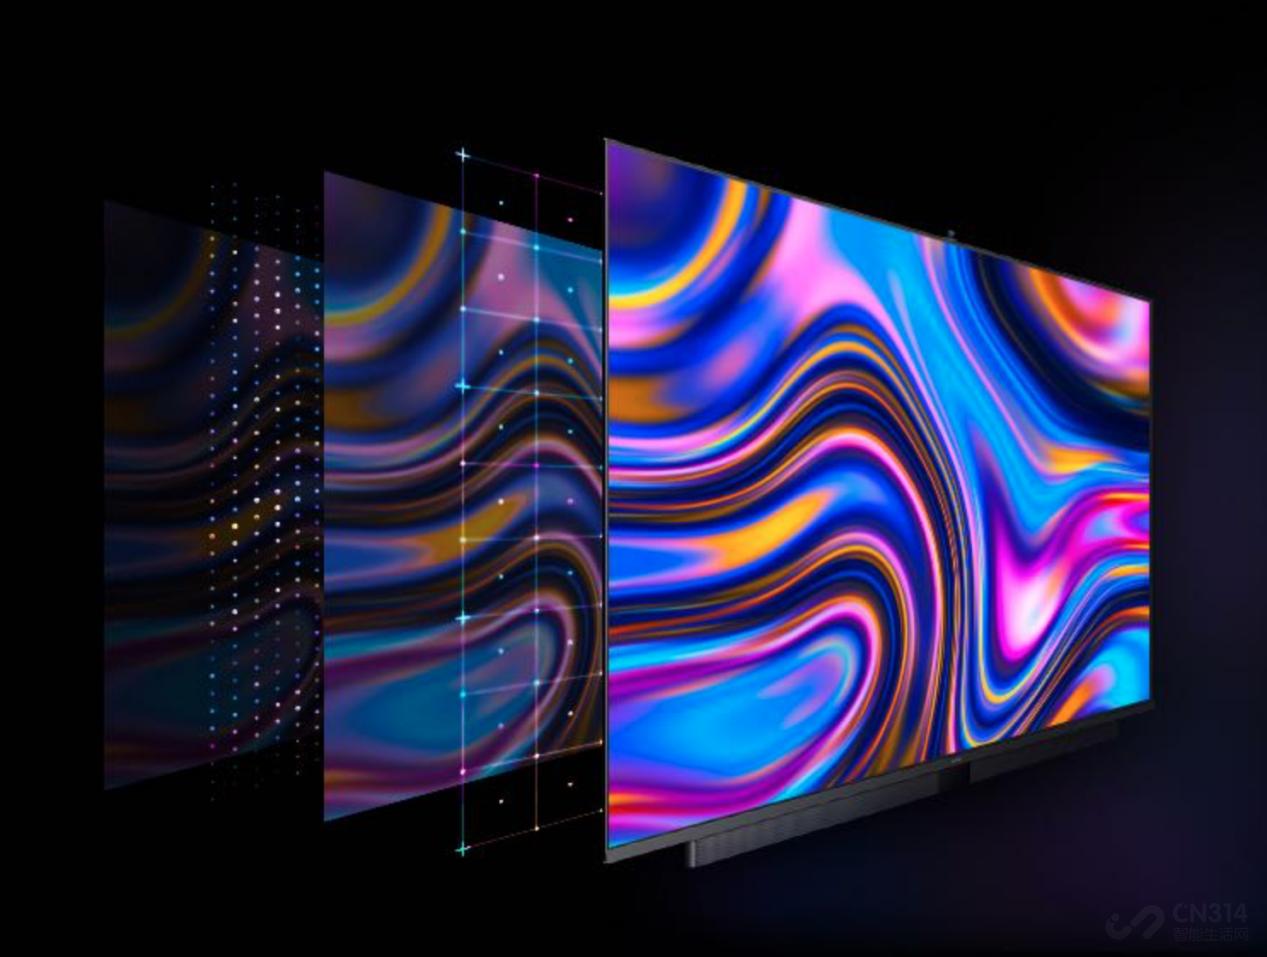 2021年电视选购指南:65吋大电视究竟该怎么买?